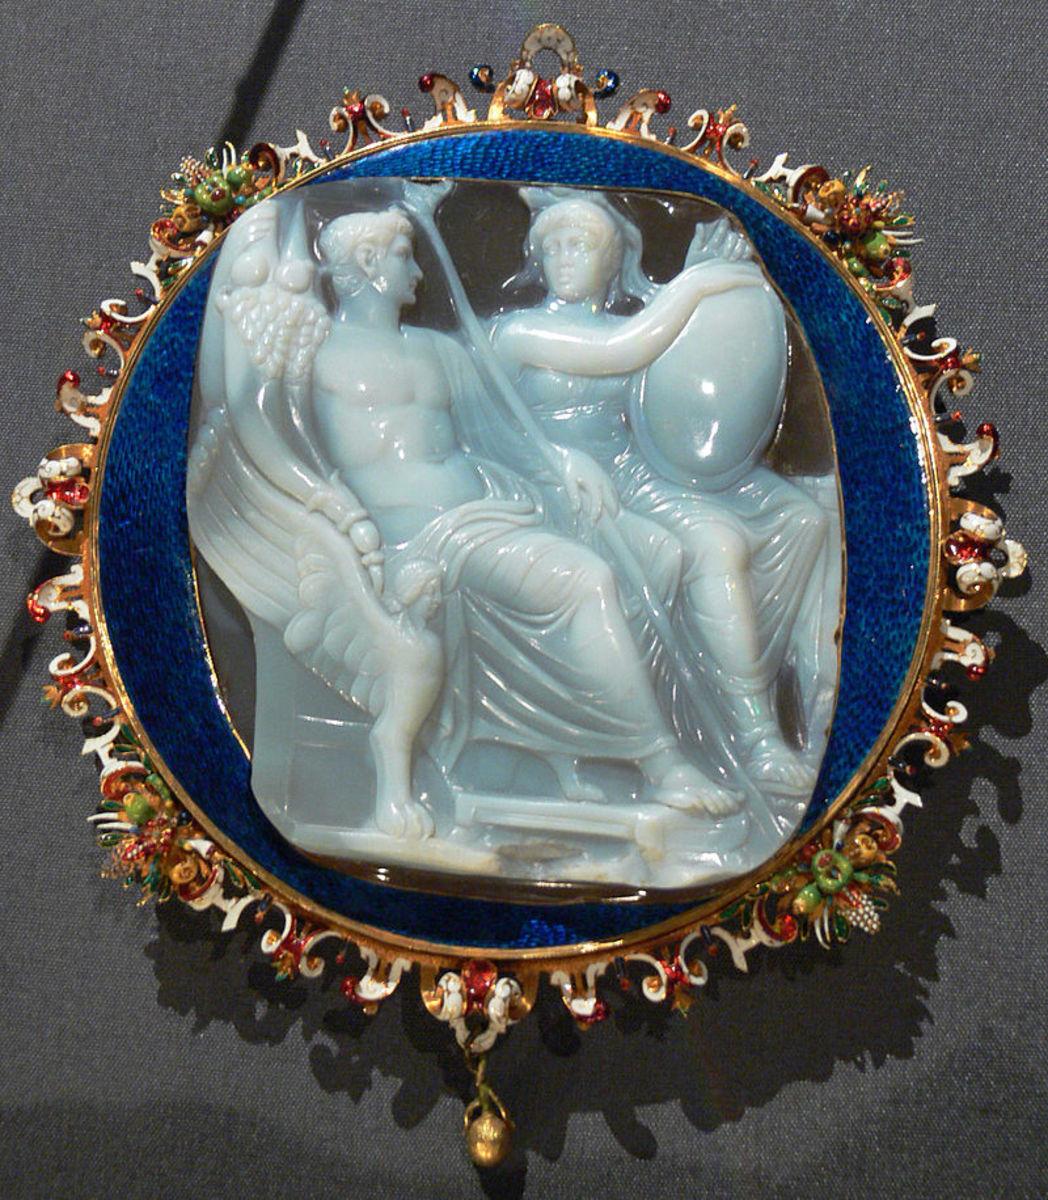 Caligula with the goddess Roma